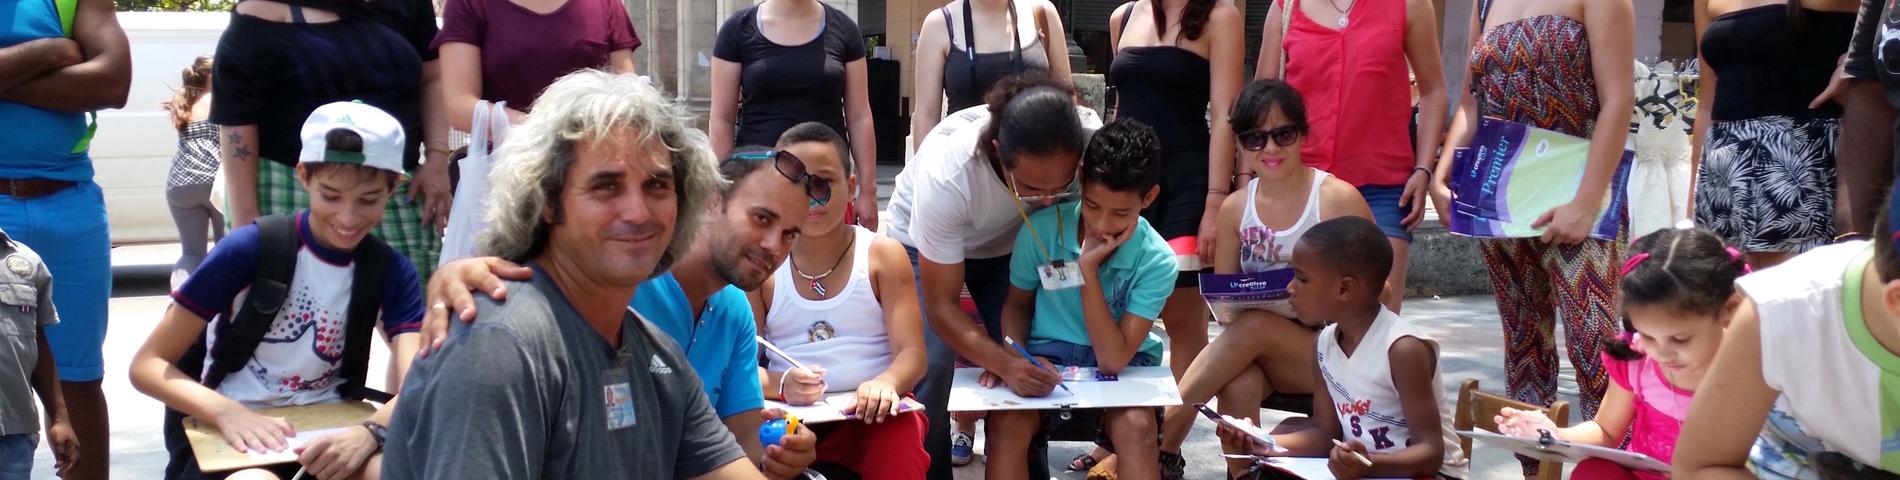 Corazón Cuba bild 1